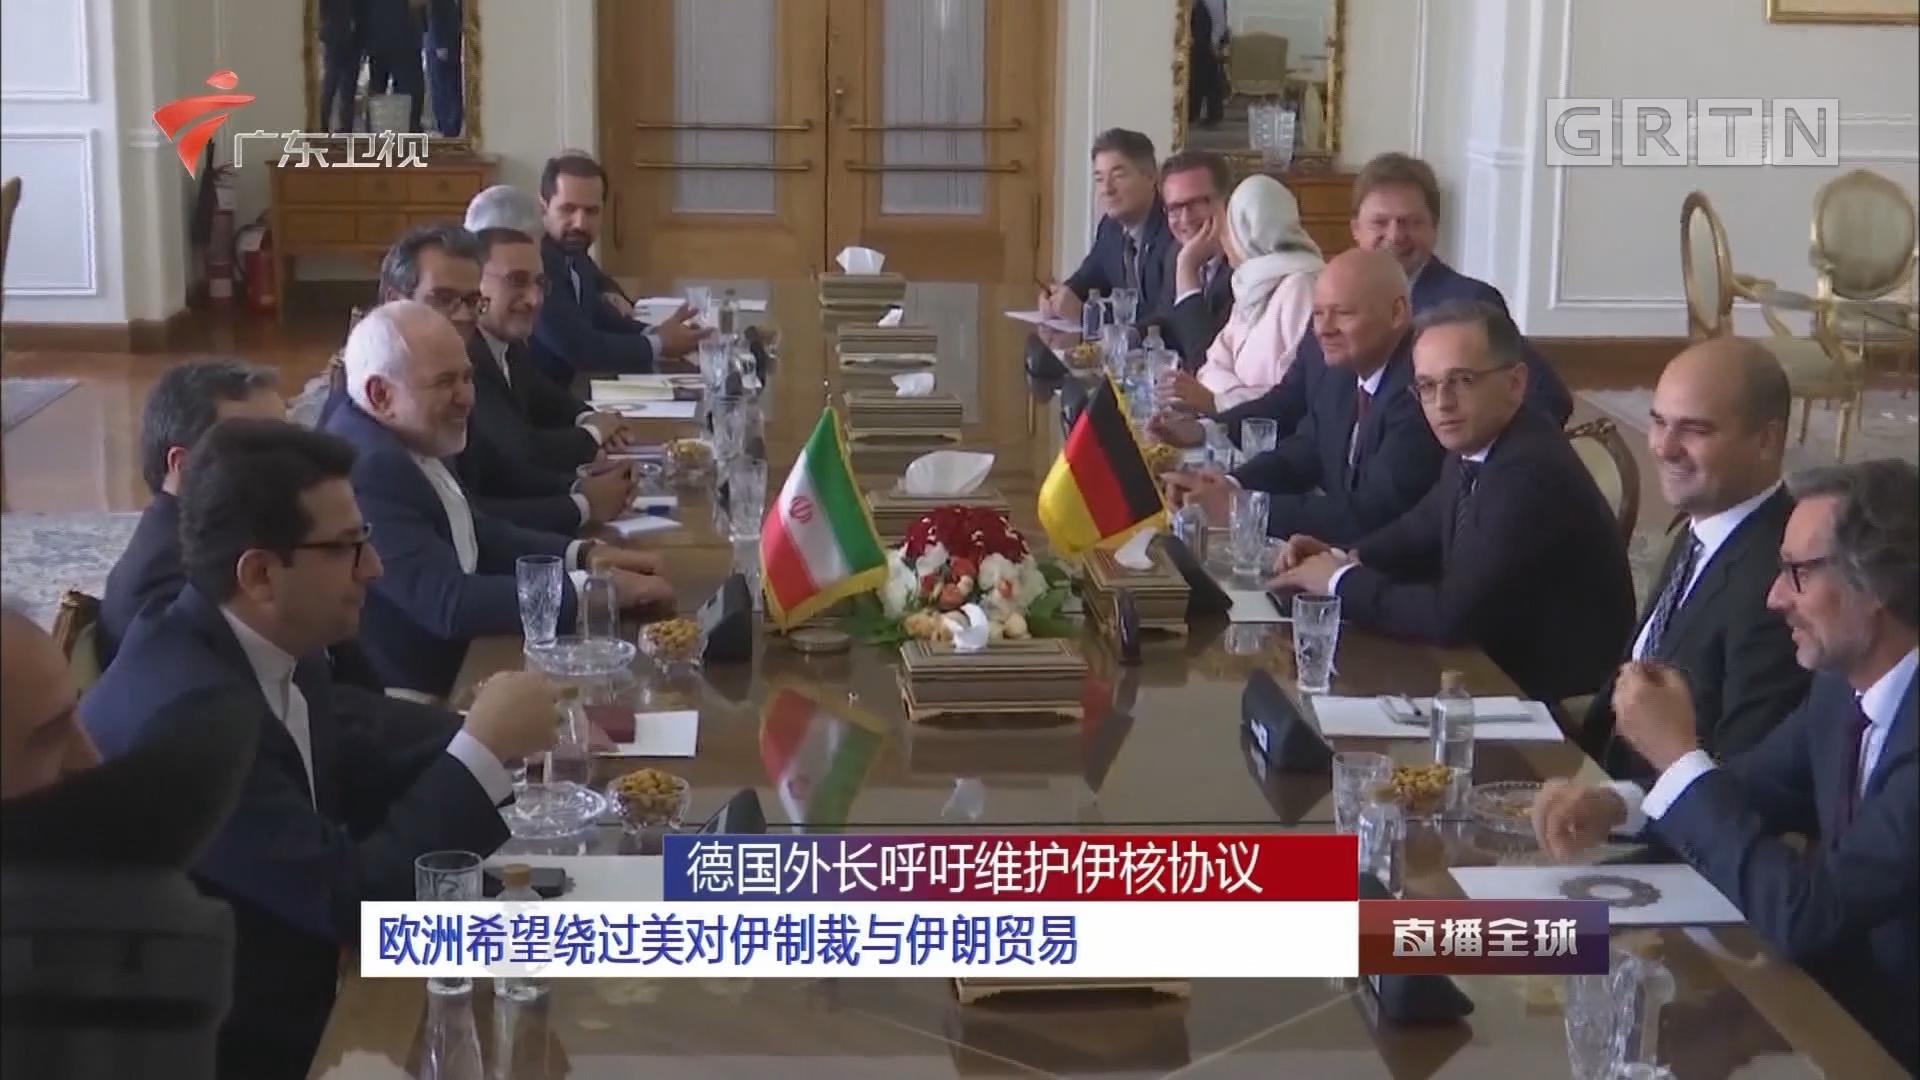 德国外长呼吁维护伊核协议:欧洲希望绕过美对伊制裁与伊朗贸易